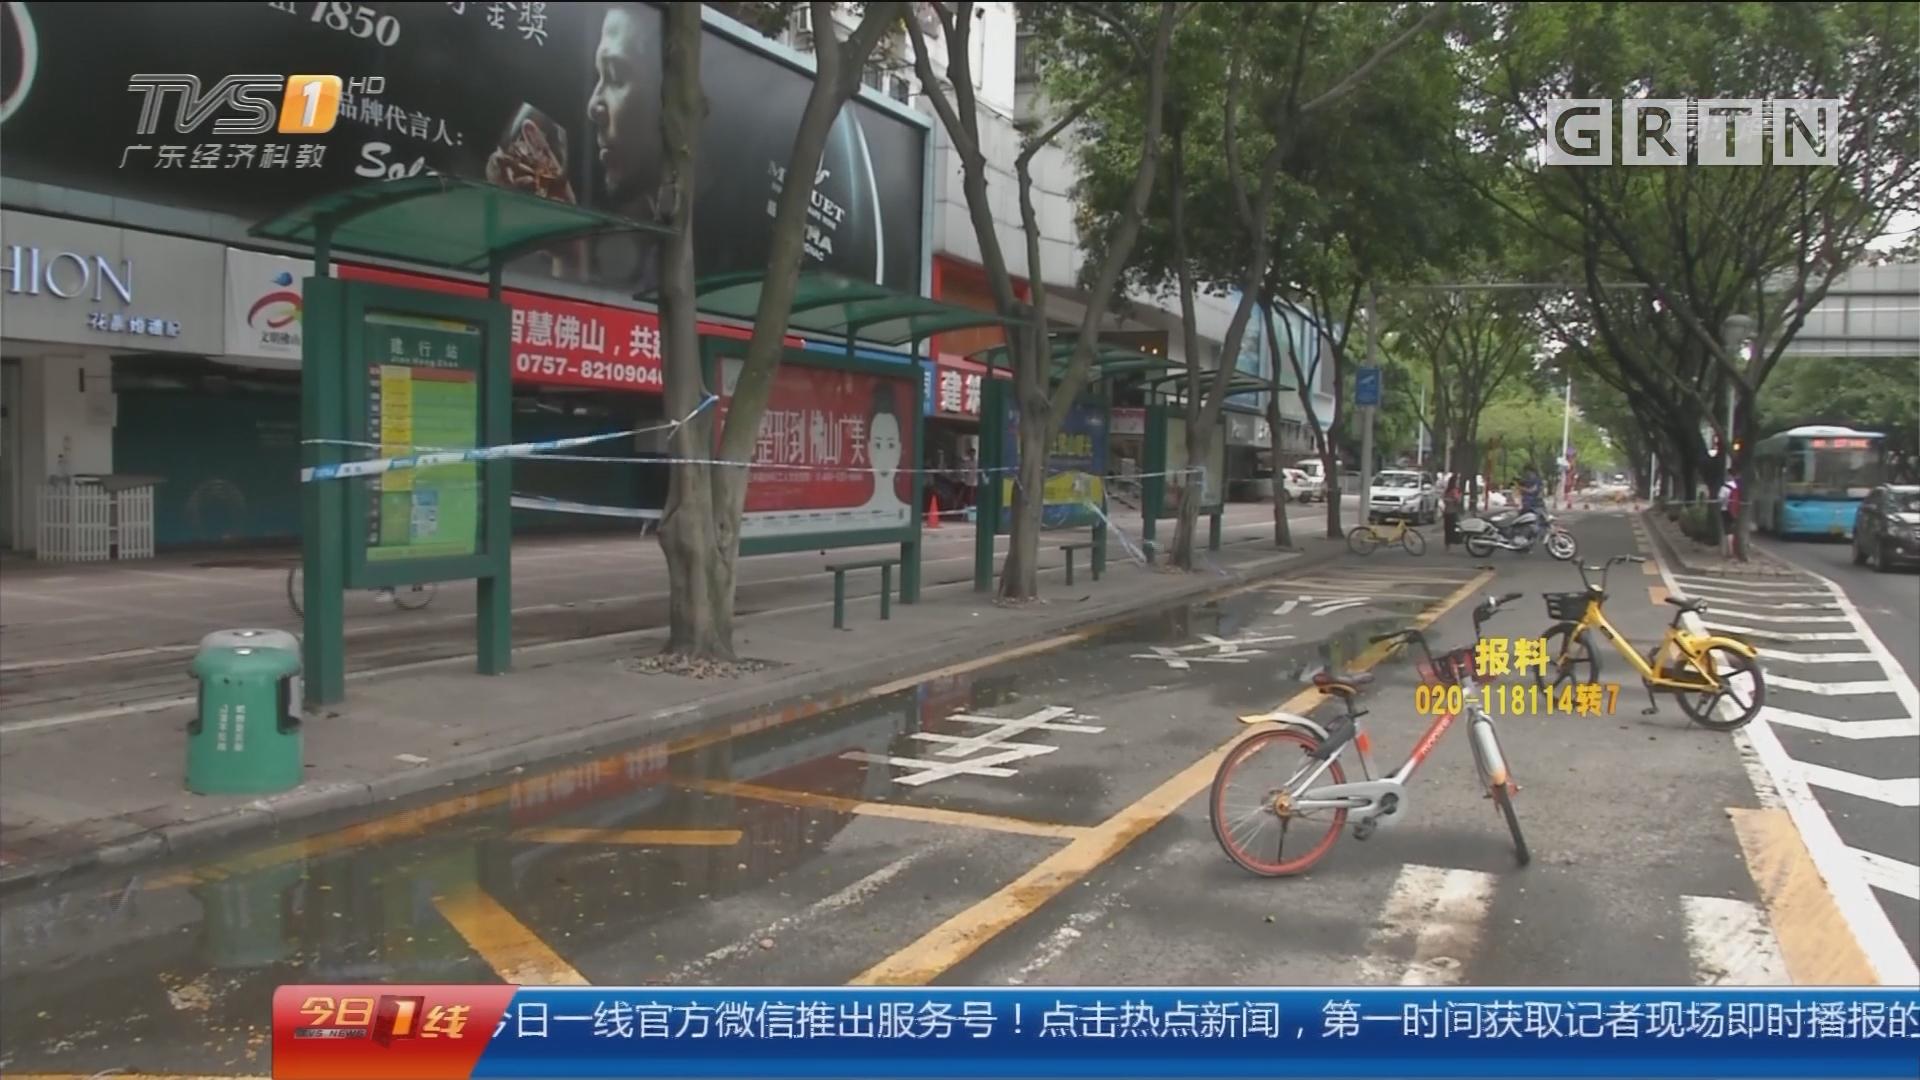 佛山禅城:公交广告牌漏电 两母女触电倒地